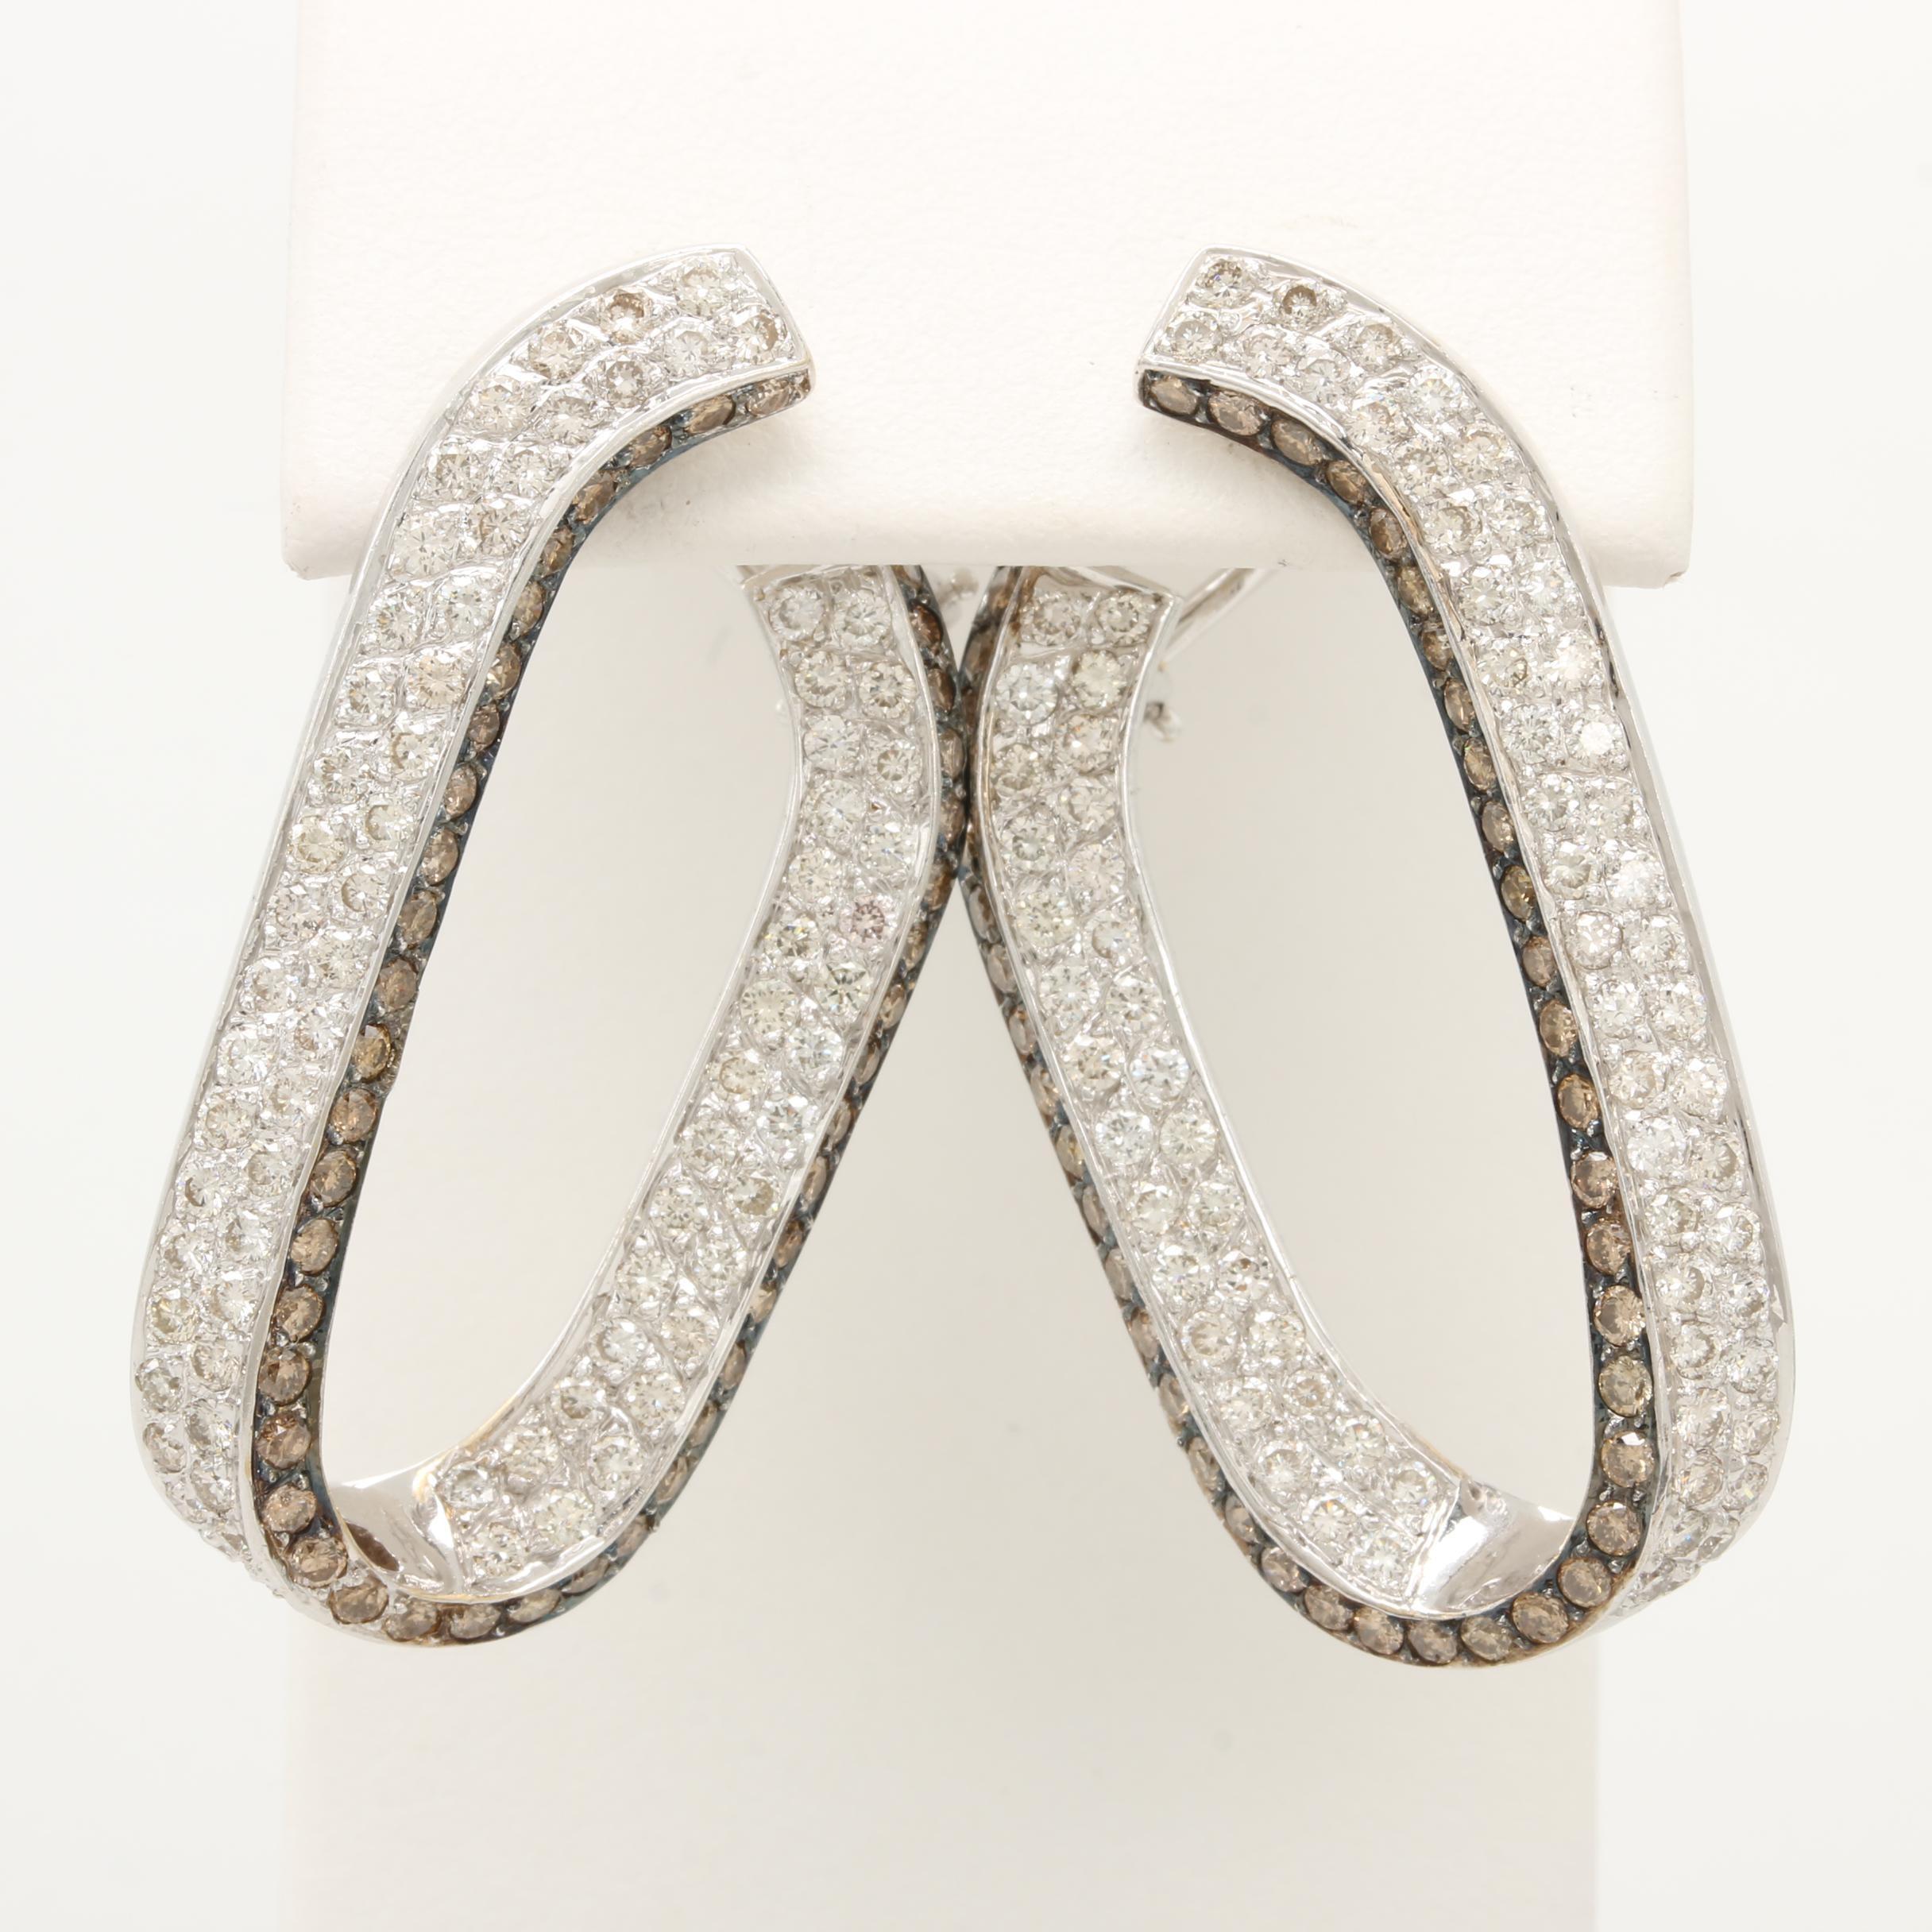 18K White Gold 4.12 CTW Diamond Earrings